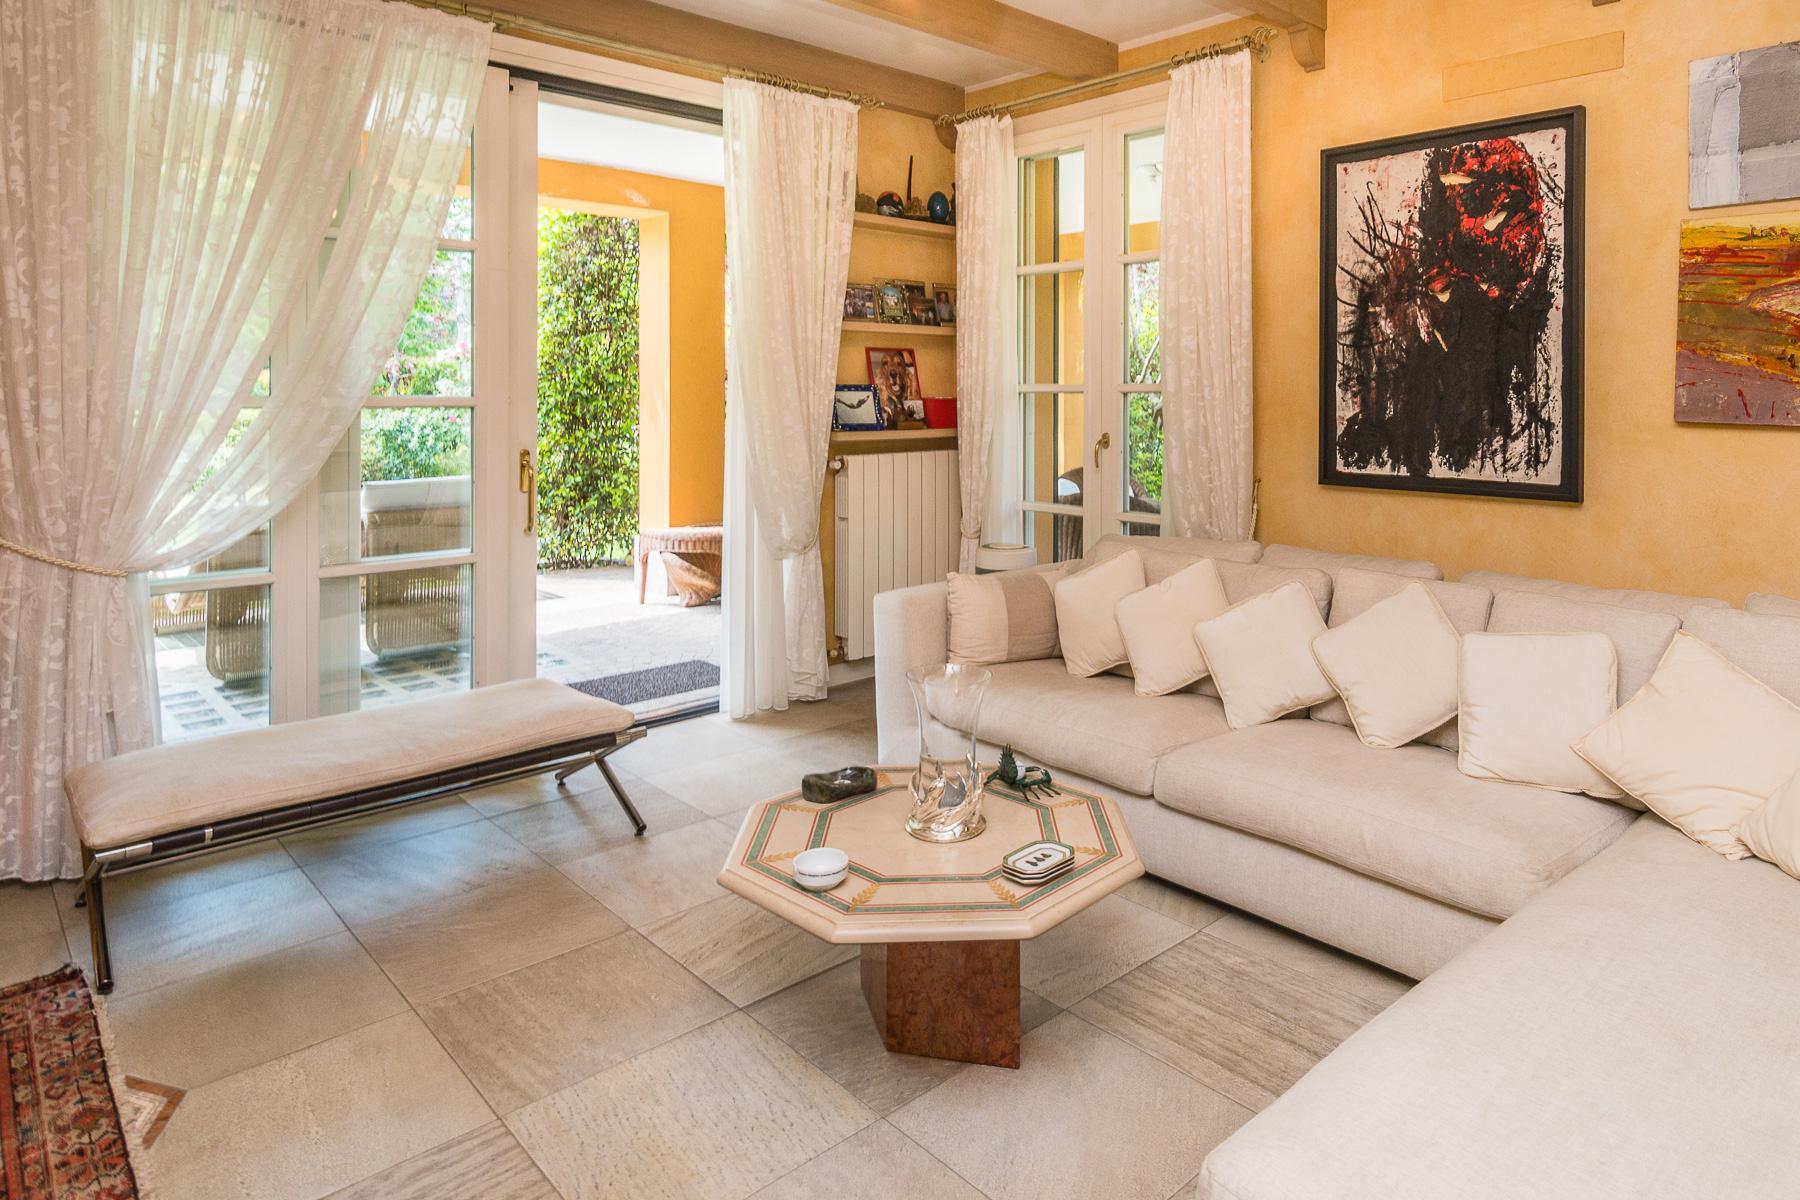 Golf Club Castelconturbia, splendida villa di 300 mq con giardino di 1500 mq e jacuzzi - 13